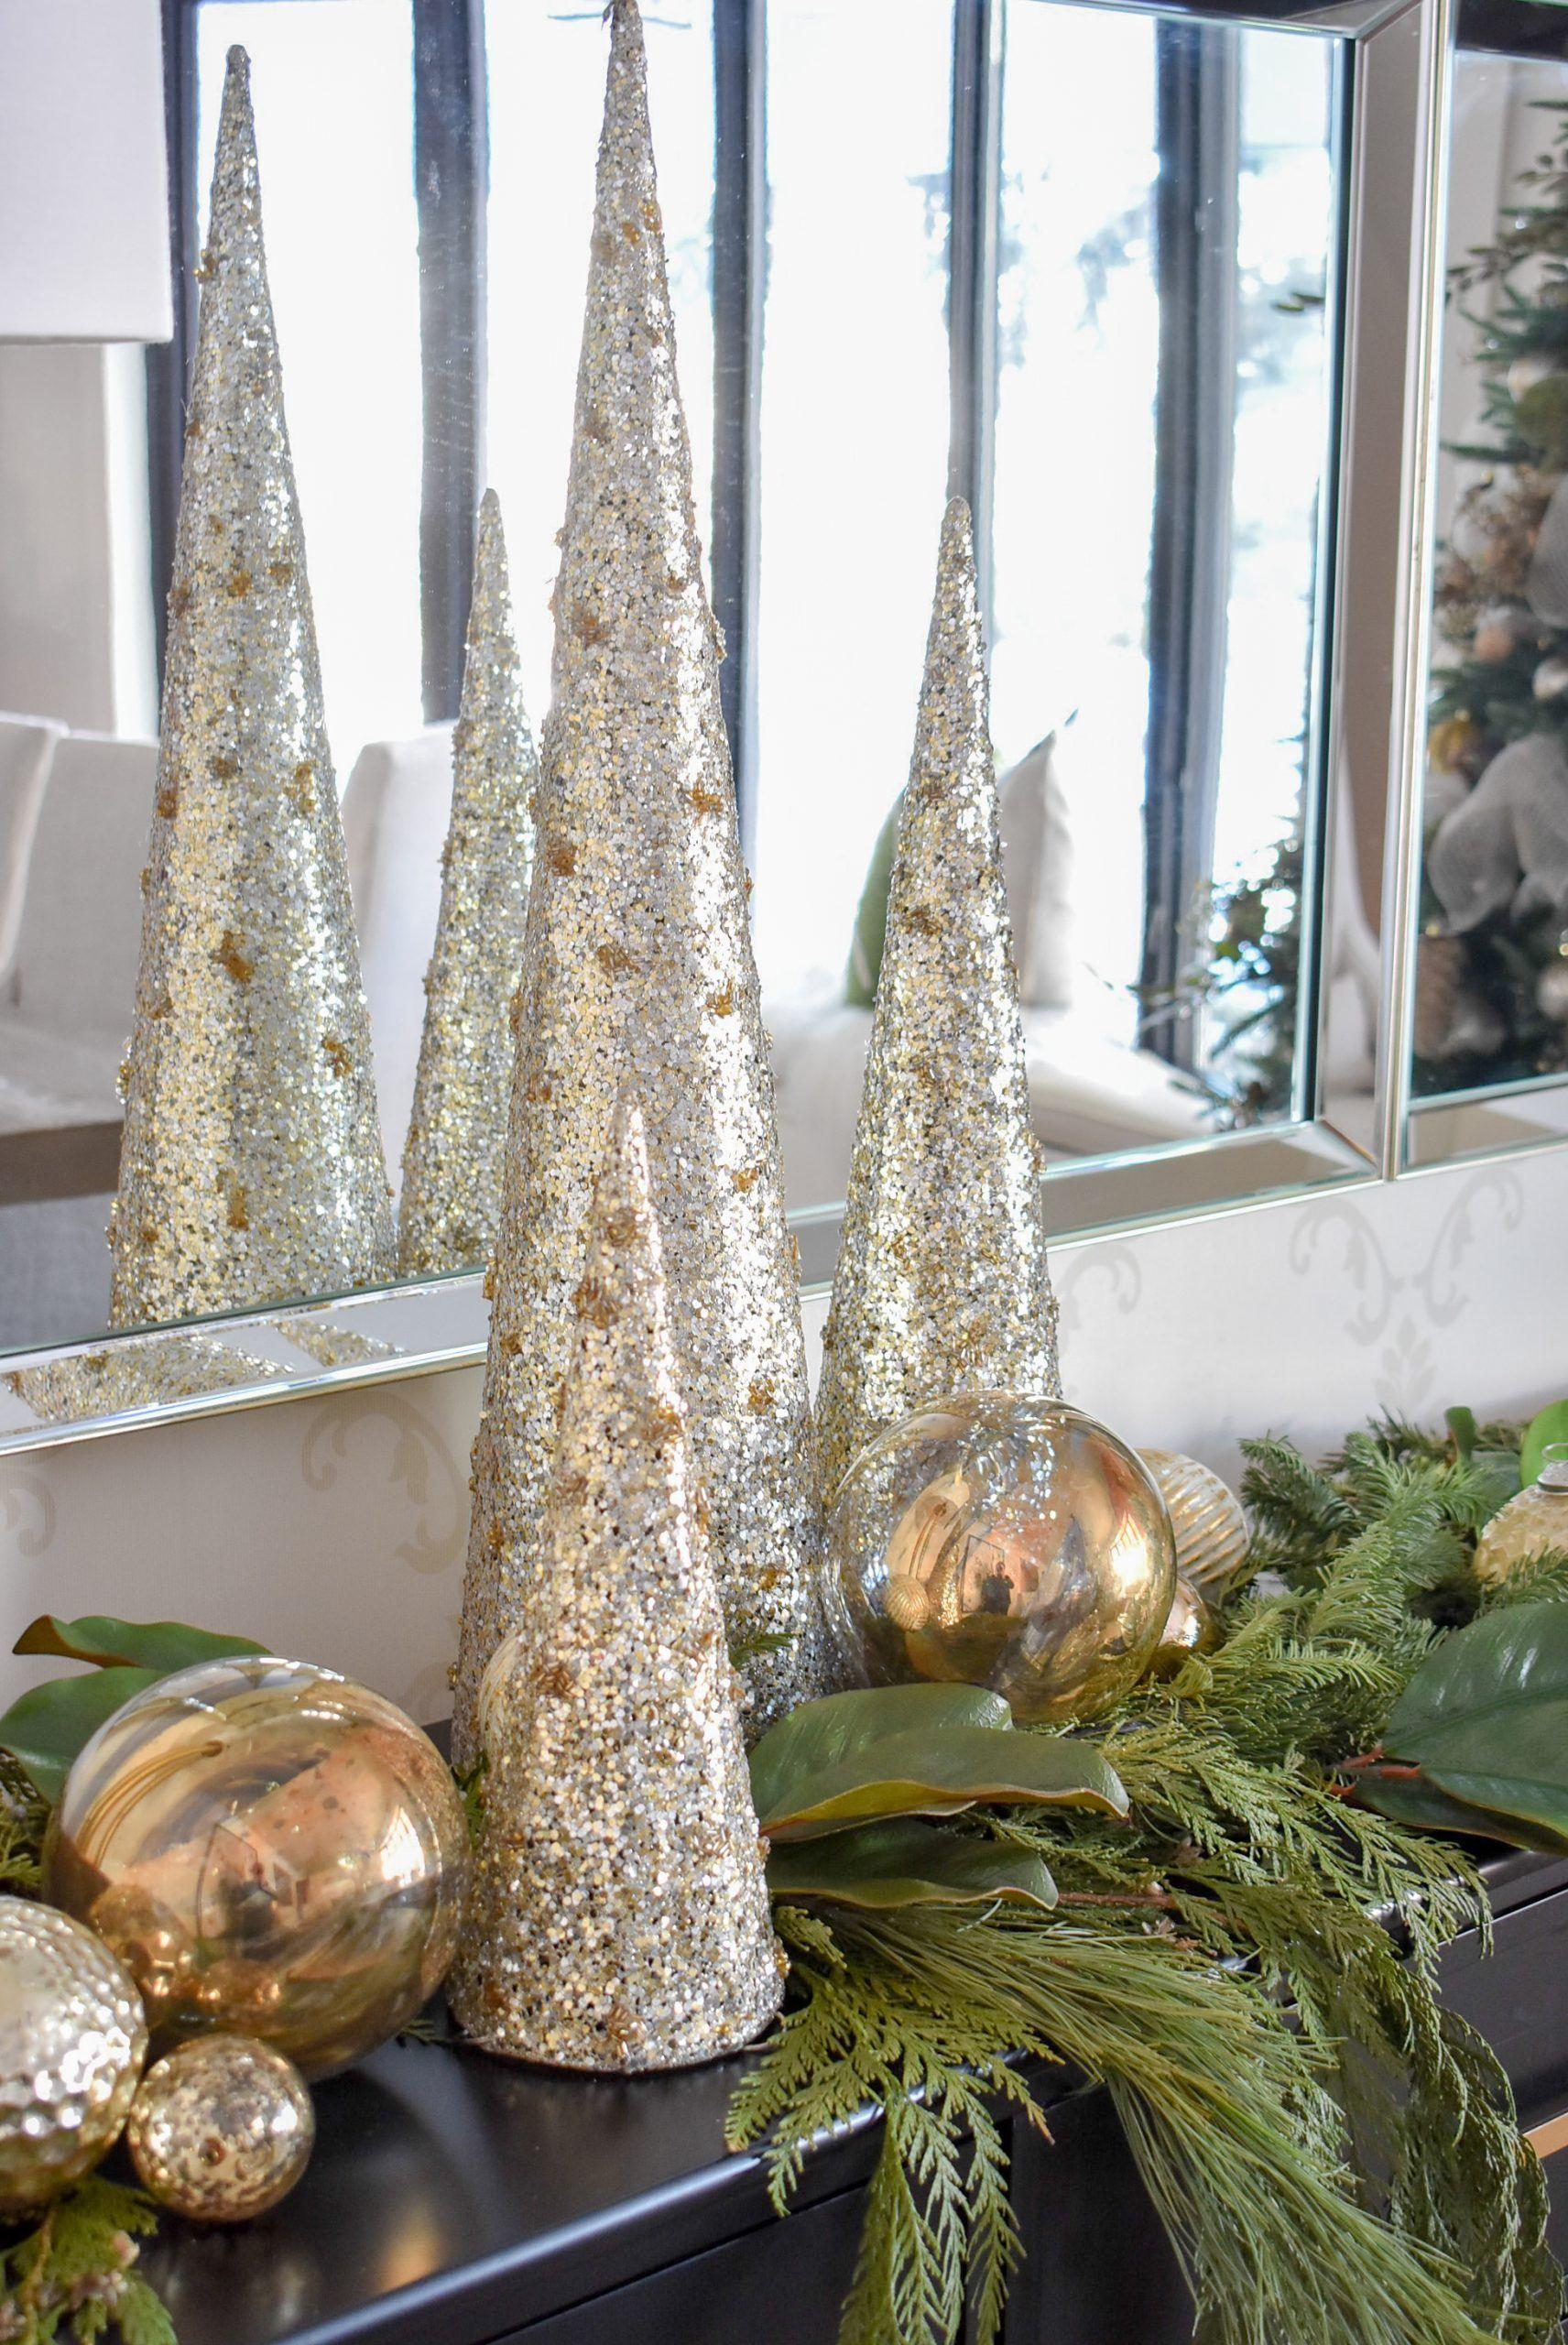 Amosfun 10 Pcs Foam Cones Handmade Solid Craft Cones Decoration Cones DIY Cones for Christmas Xmas Party Banquet